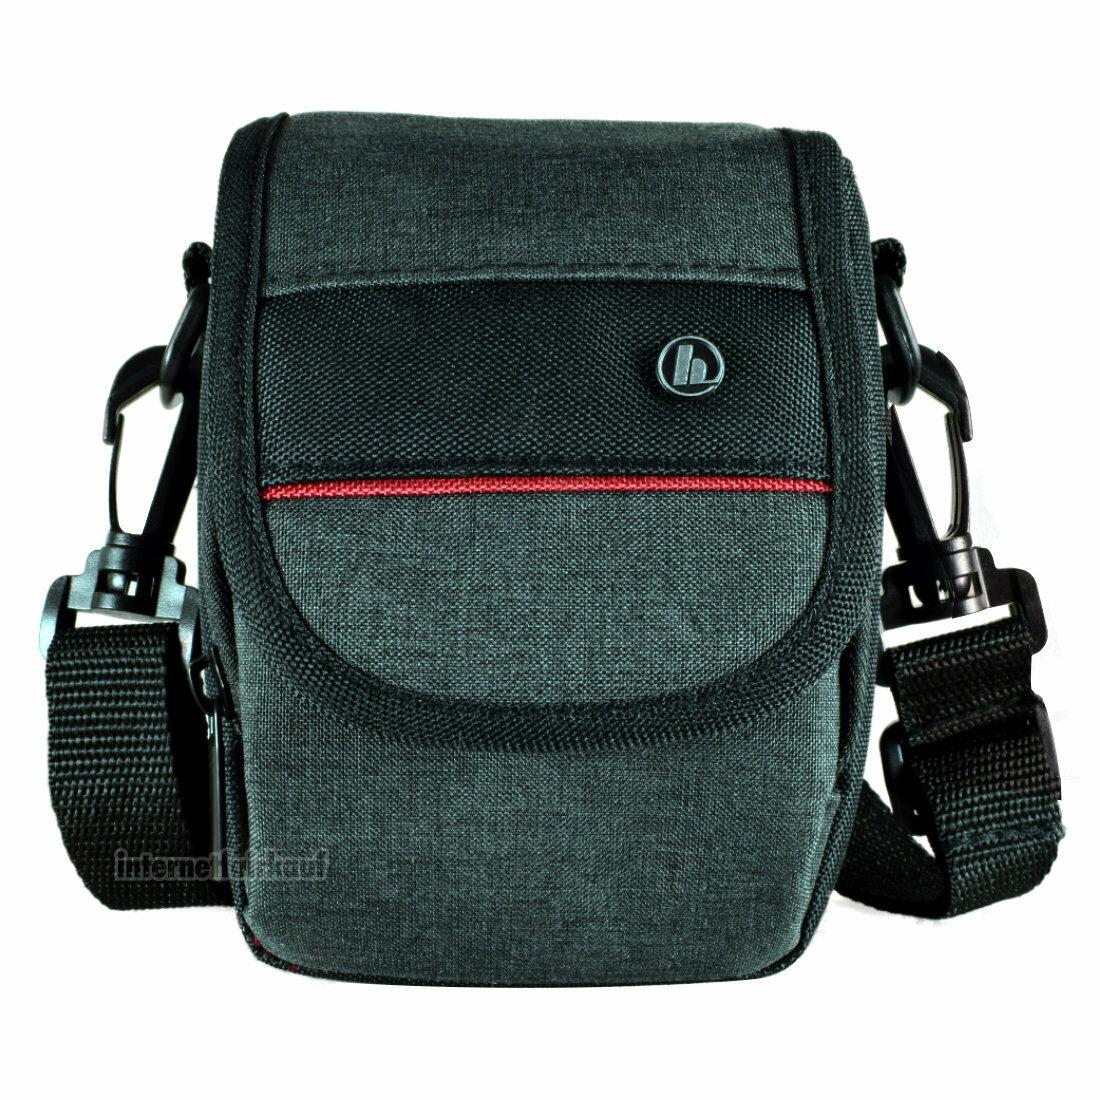 Kameratasche Fototasche passend für Sony Alpha A5000 A5100 mit 16-50mm Objektiv